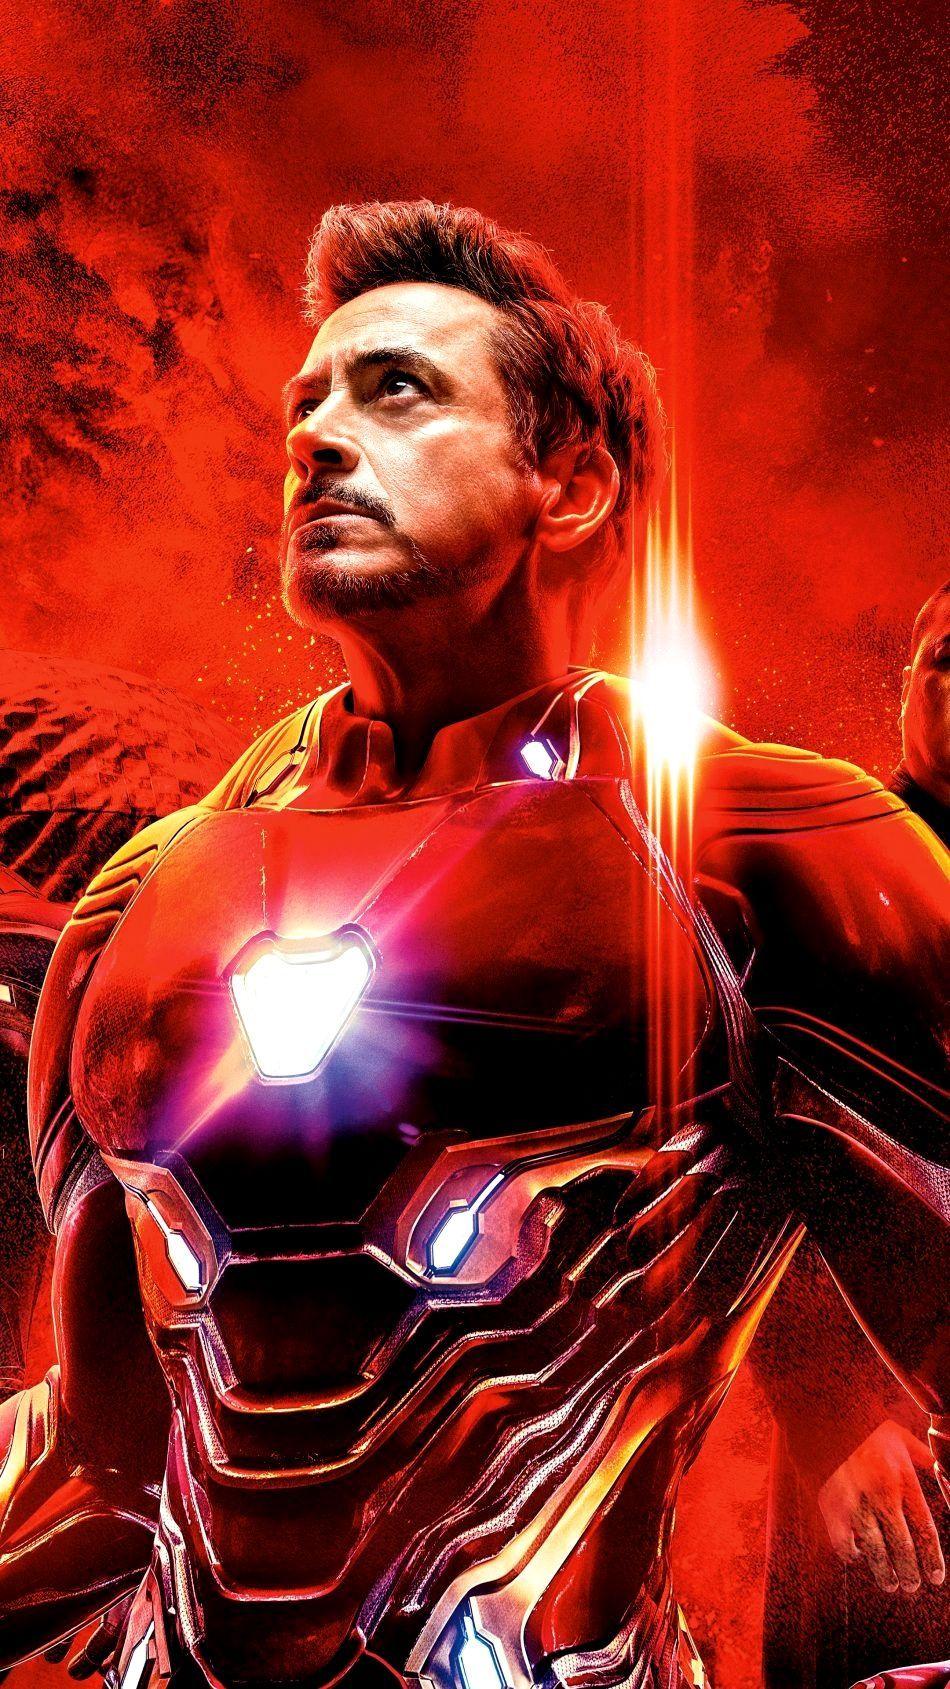 Avengers Endgame Wallpaper 4k Mobile Ideas Wallpaper Avengers Endgame Ideas Mobile Wallpaper Di 2020 Kapten Marvel Avengers Iron Man